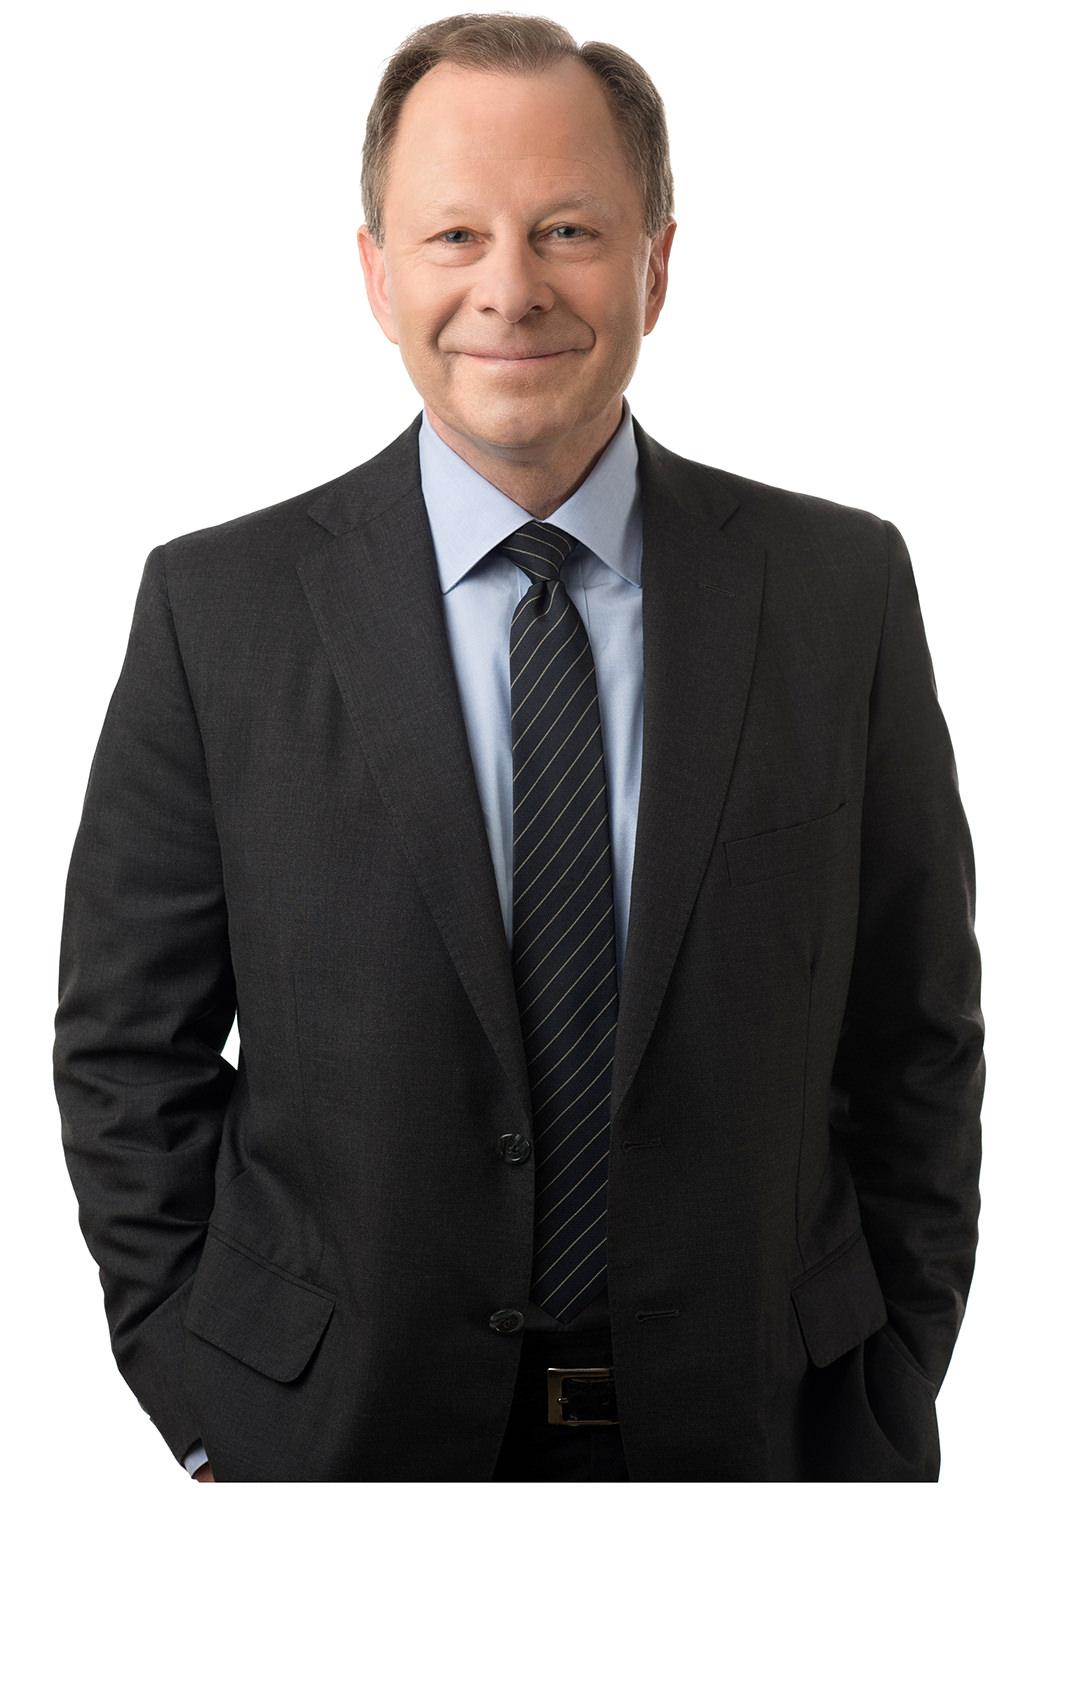 Kenneth A. Janik